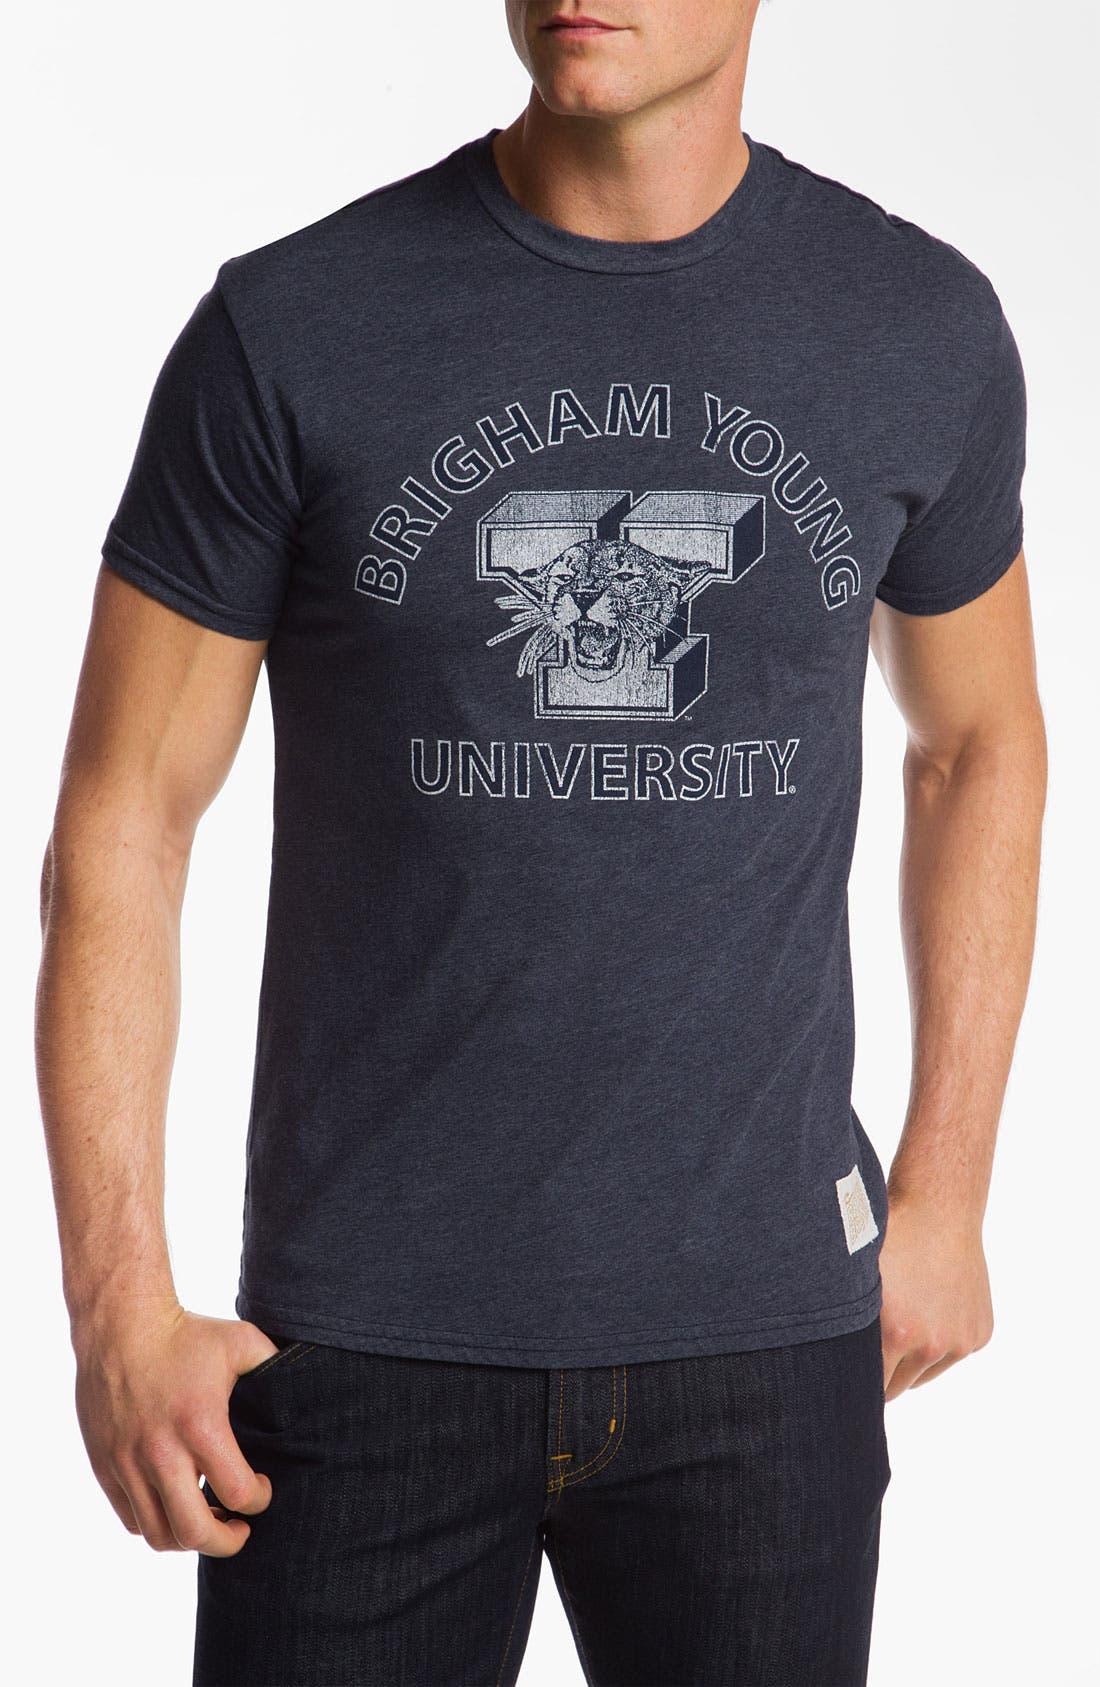 Alternate Image 1 Selected - The Original Retro Brand 'Brigham Young' T-Shirt